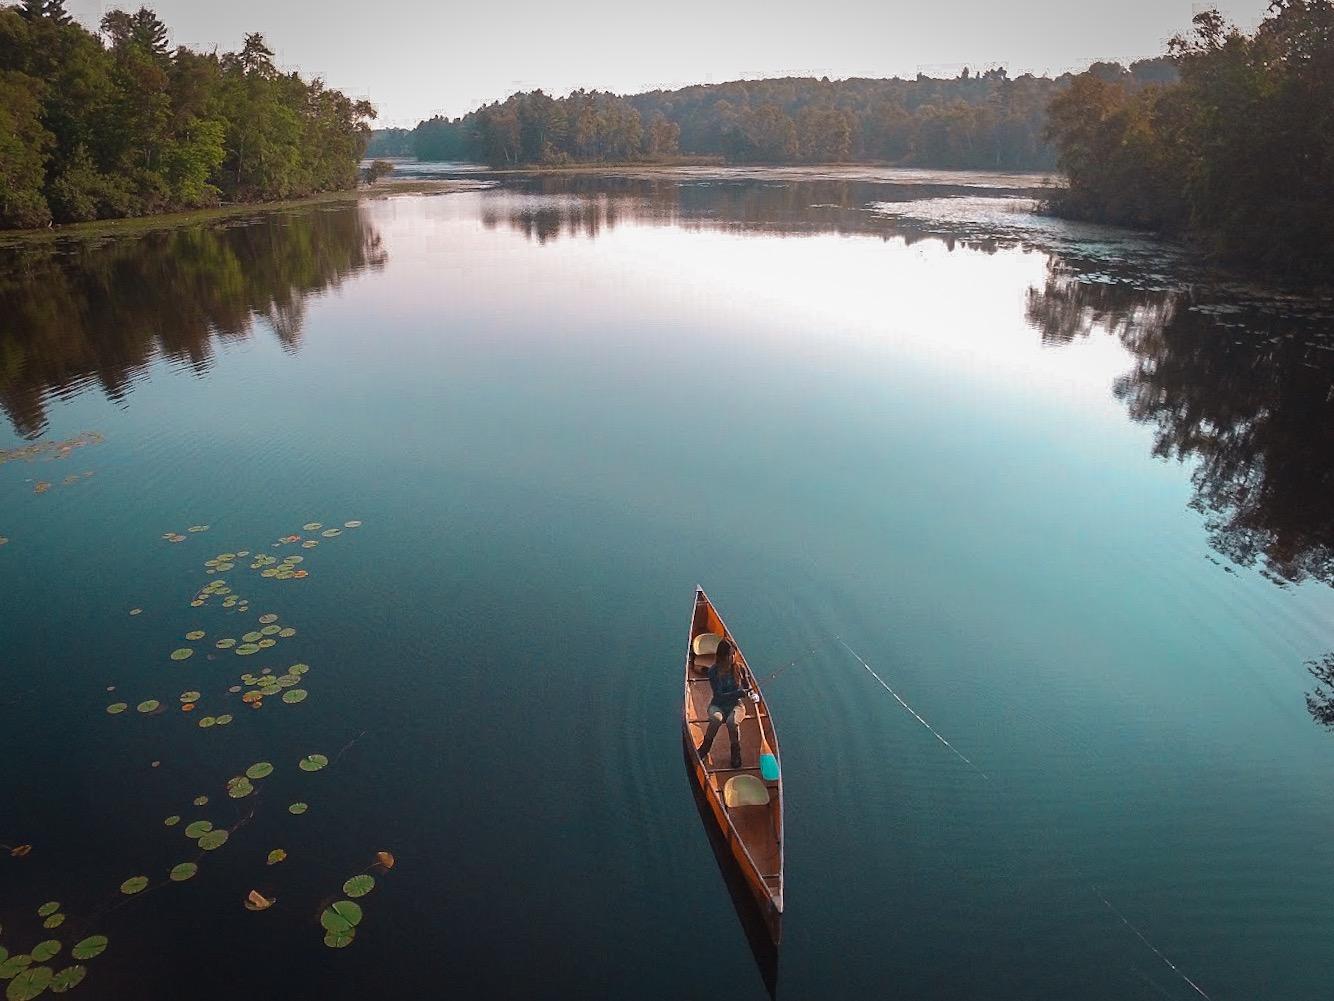 Fishing aerial